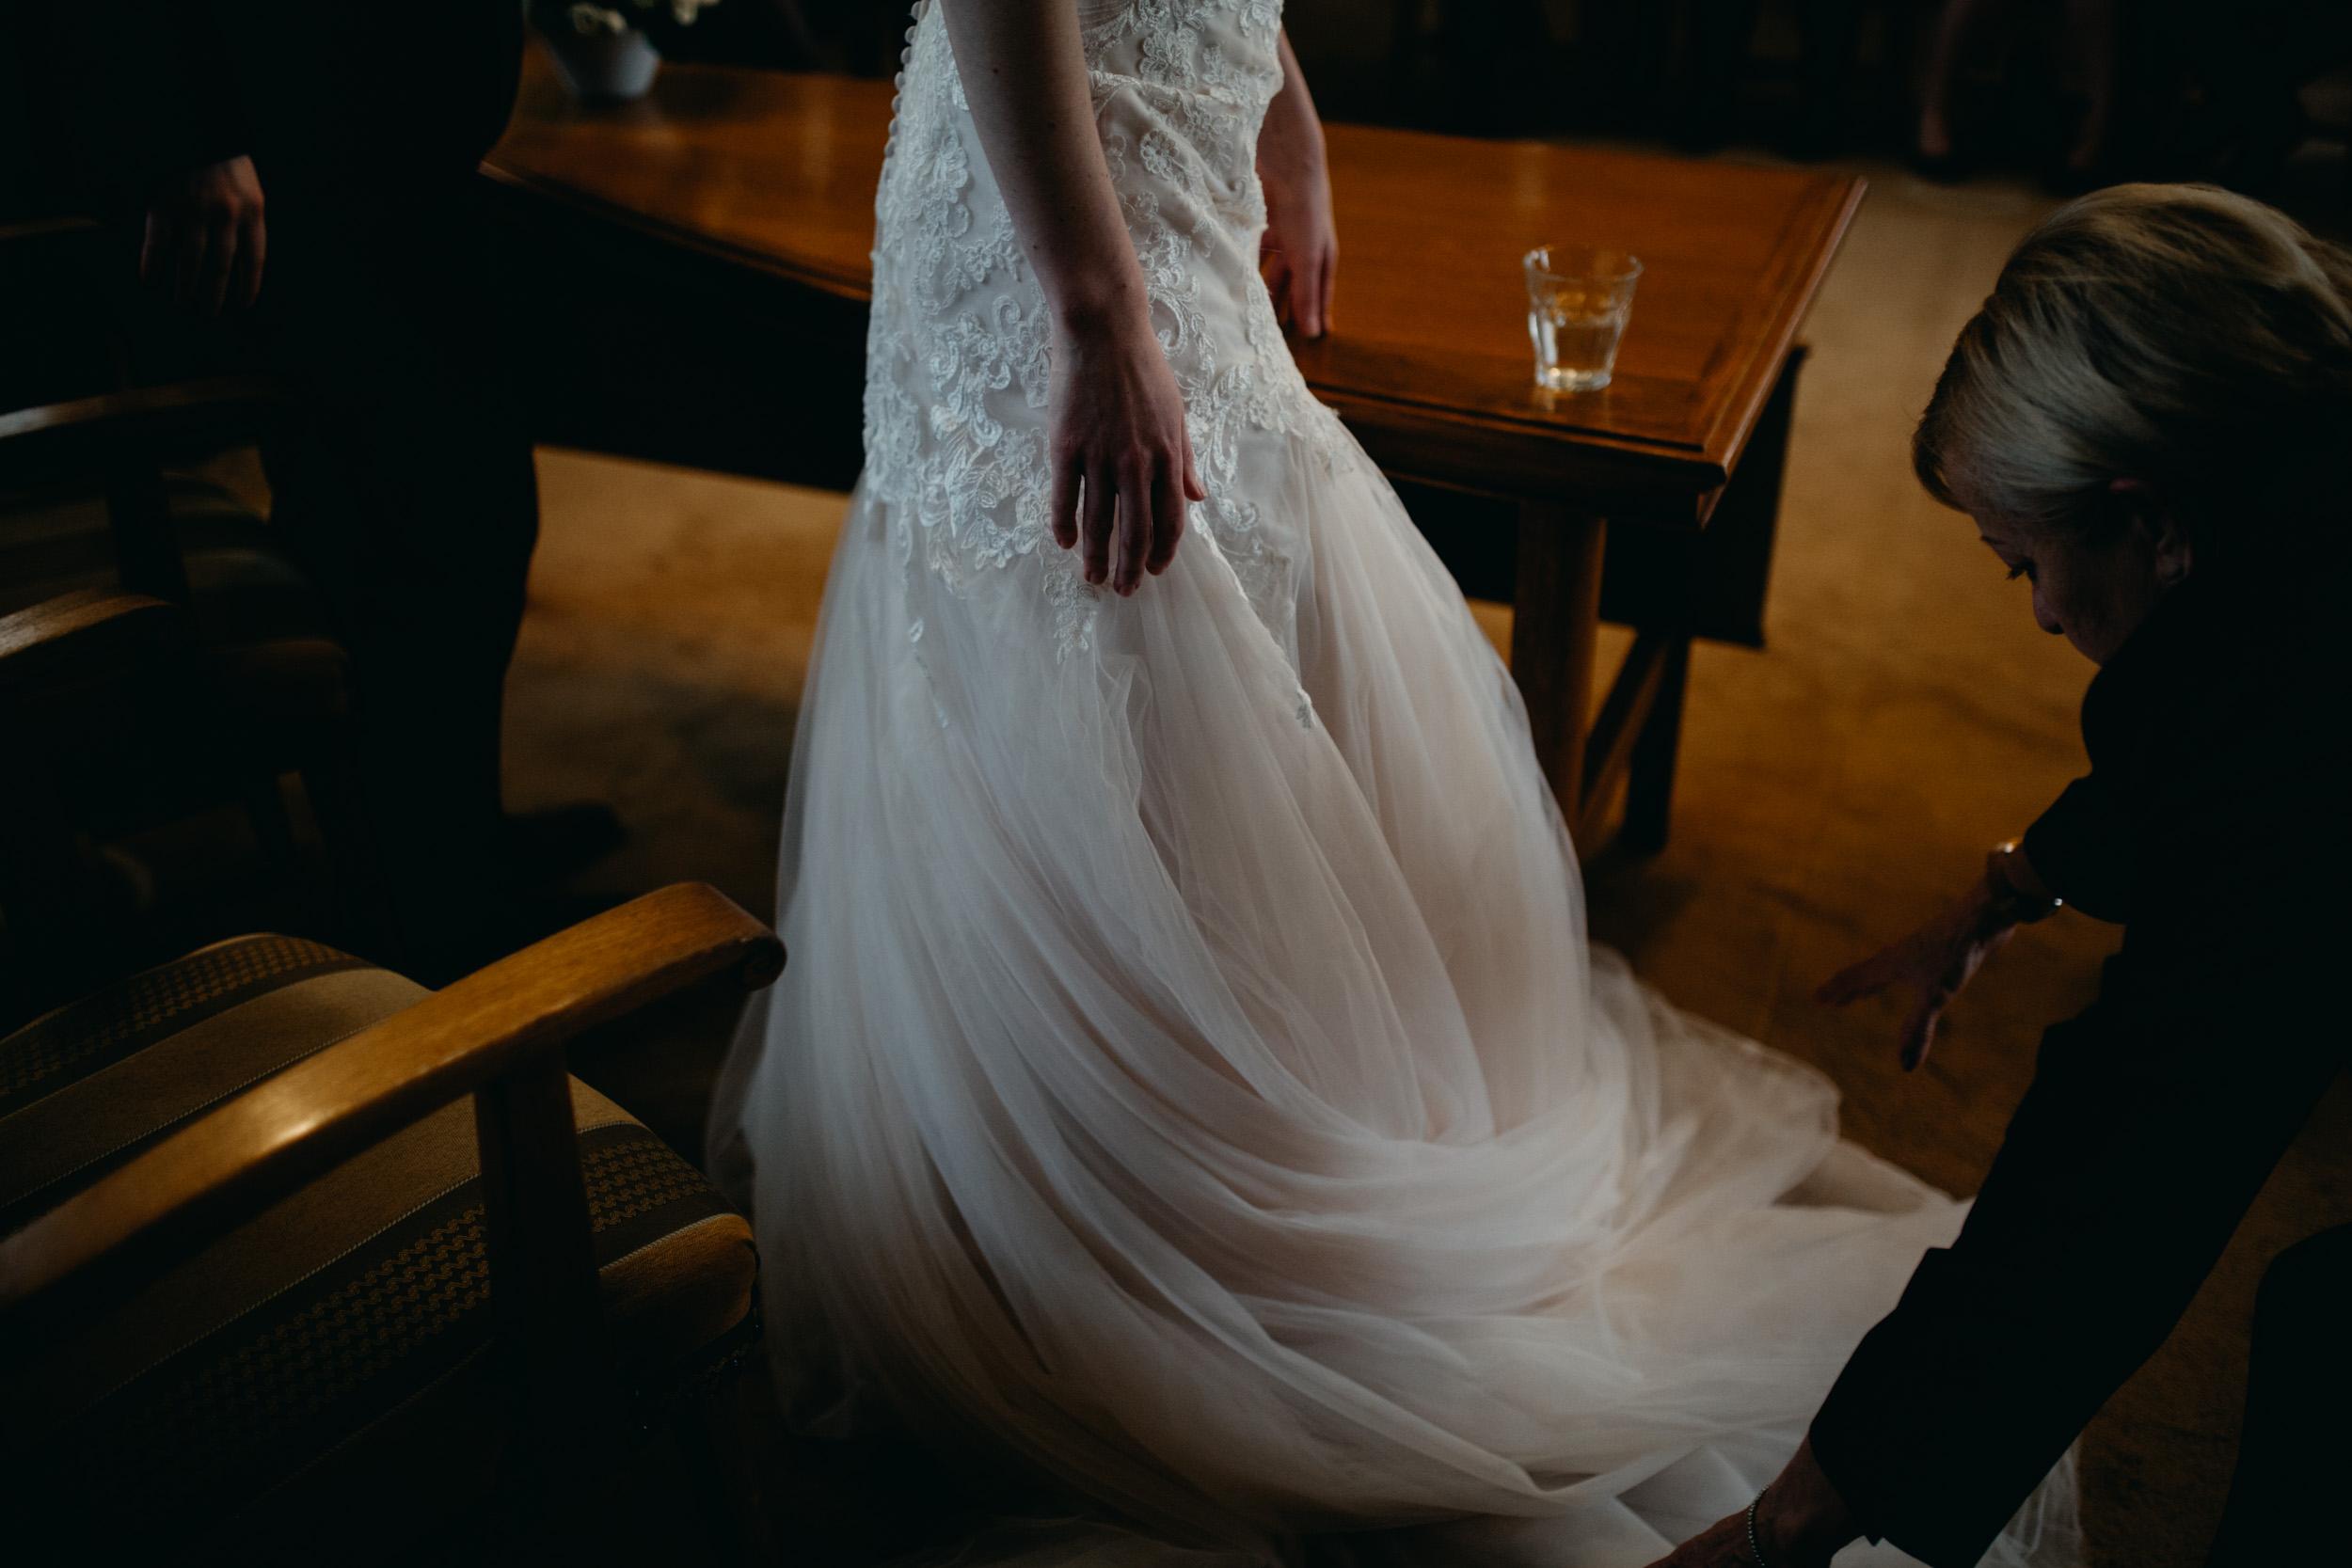 Trouwjurk-nijmegen-trouwfotograaf-Mario-Ruiz